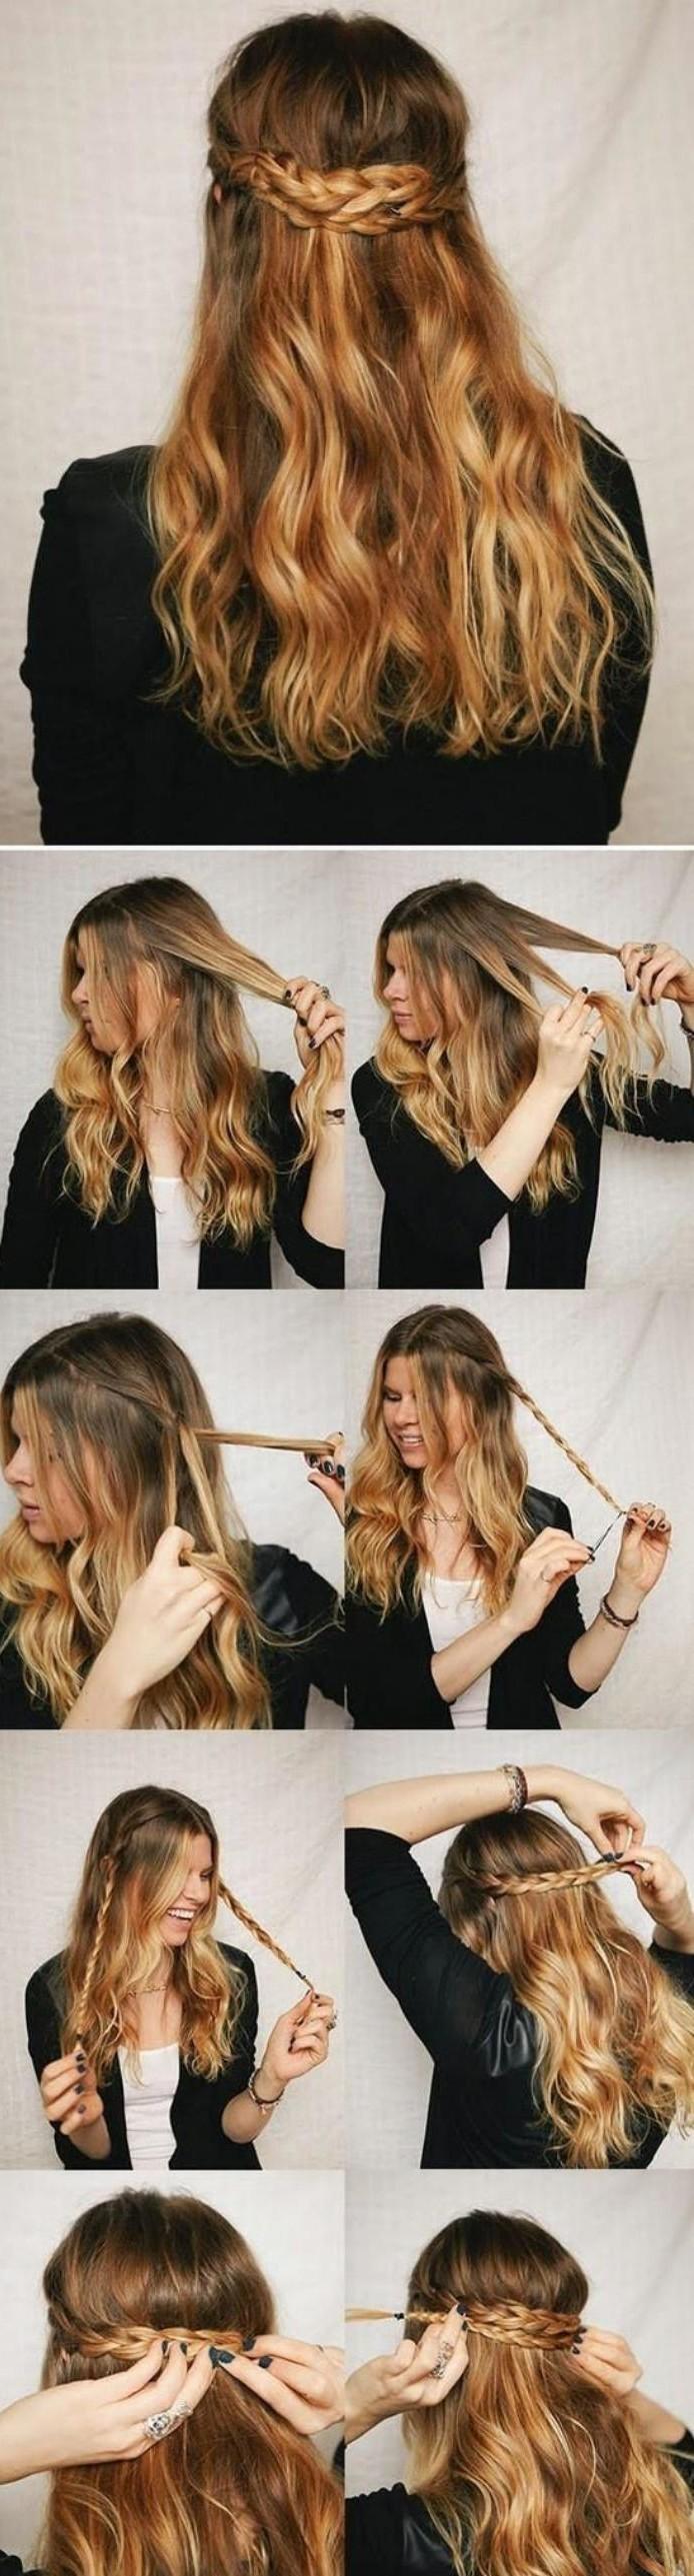 coiffure-originale-couronne-tressée